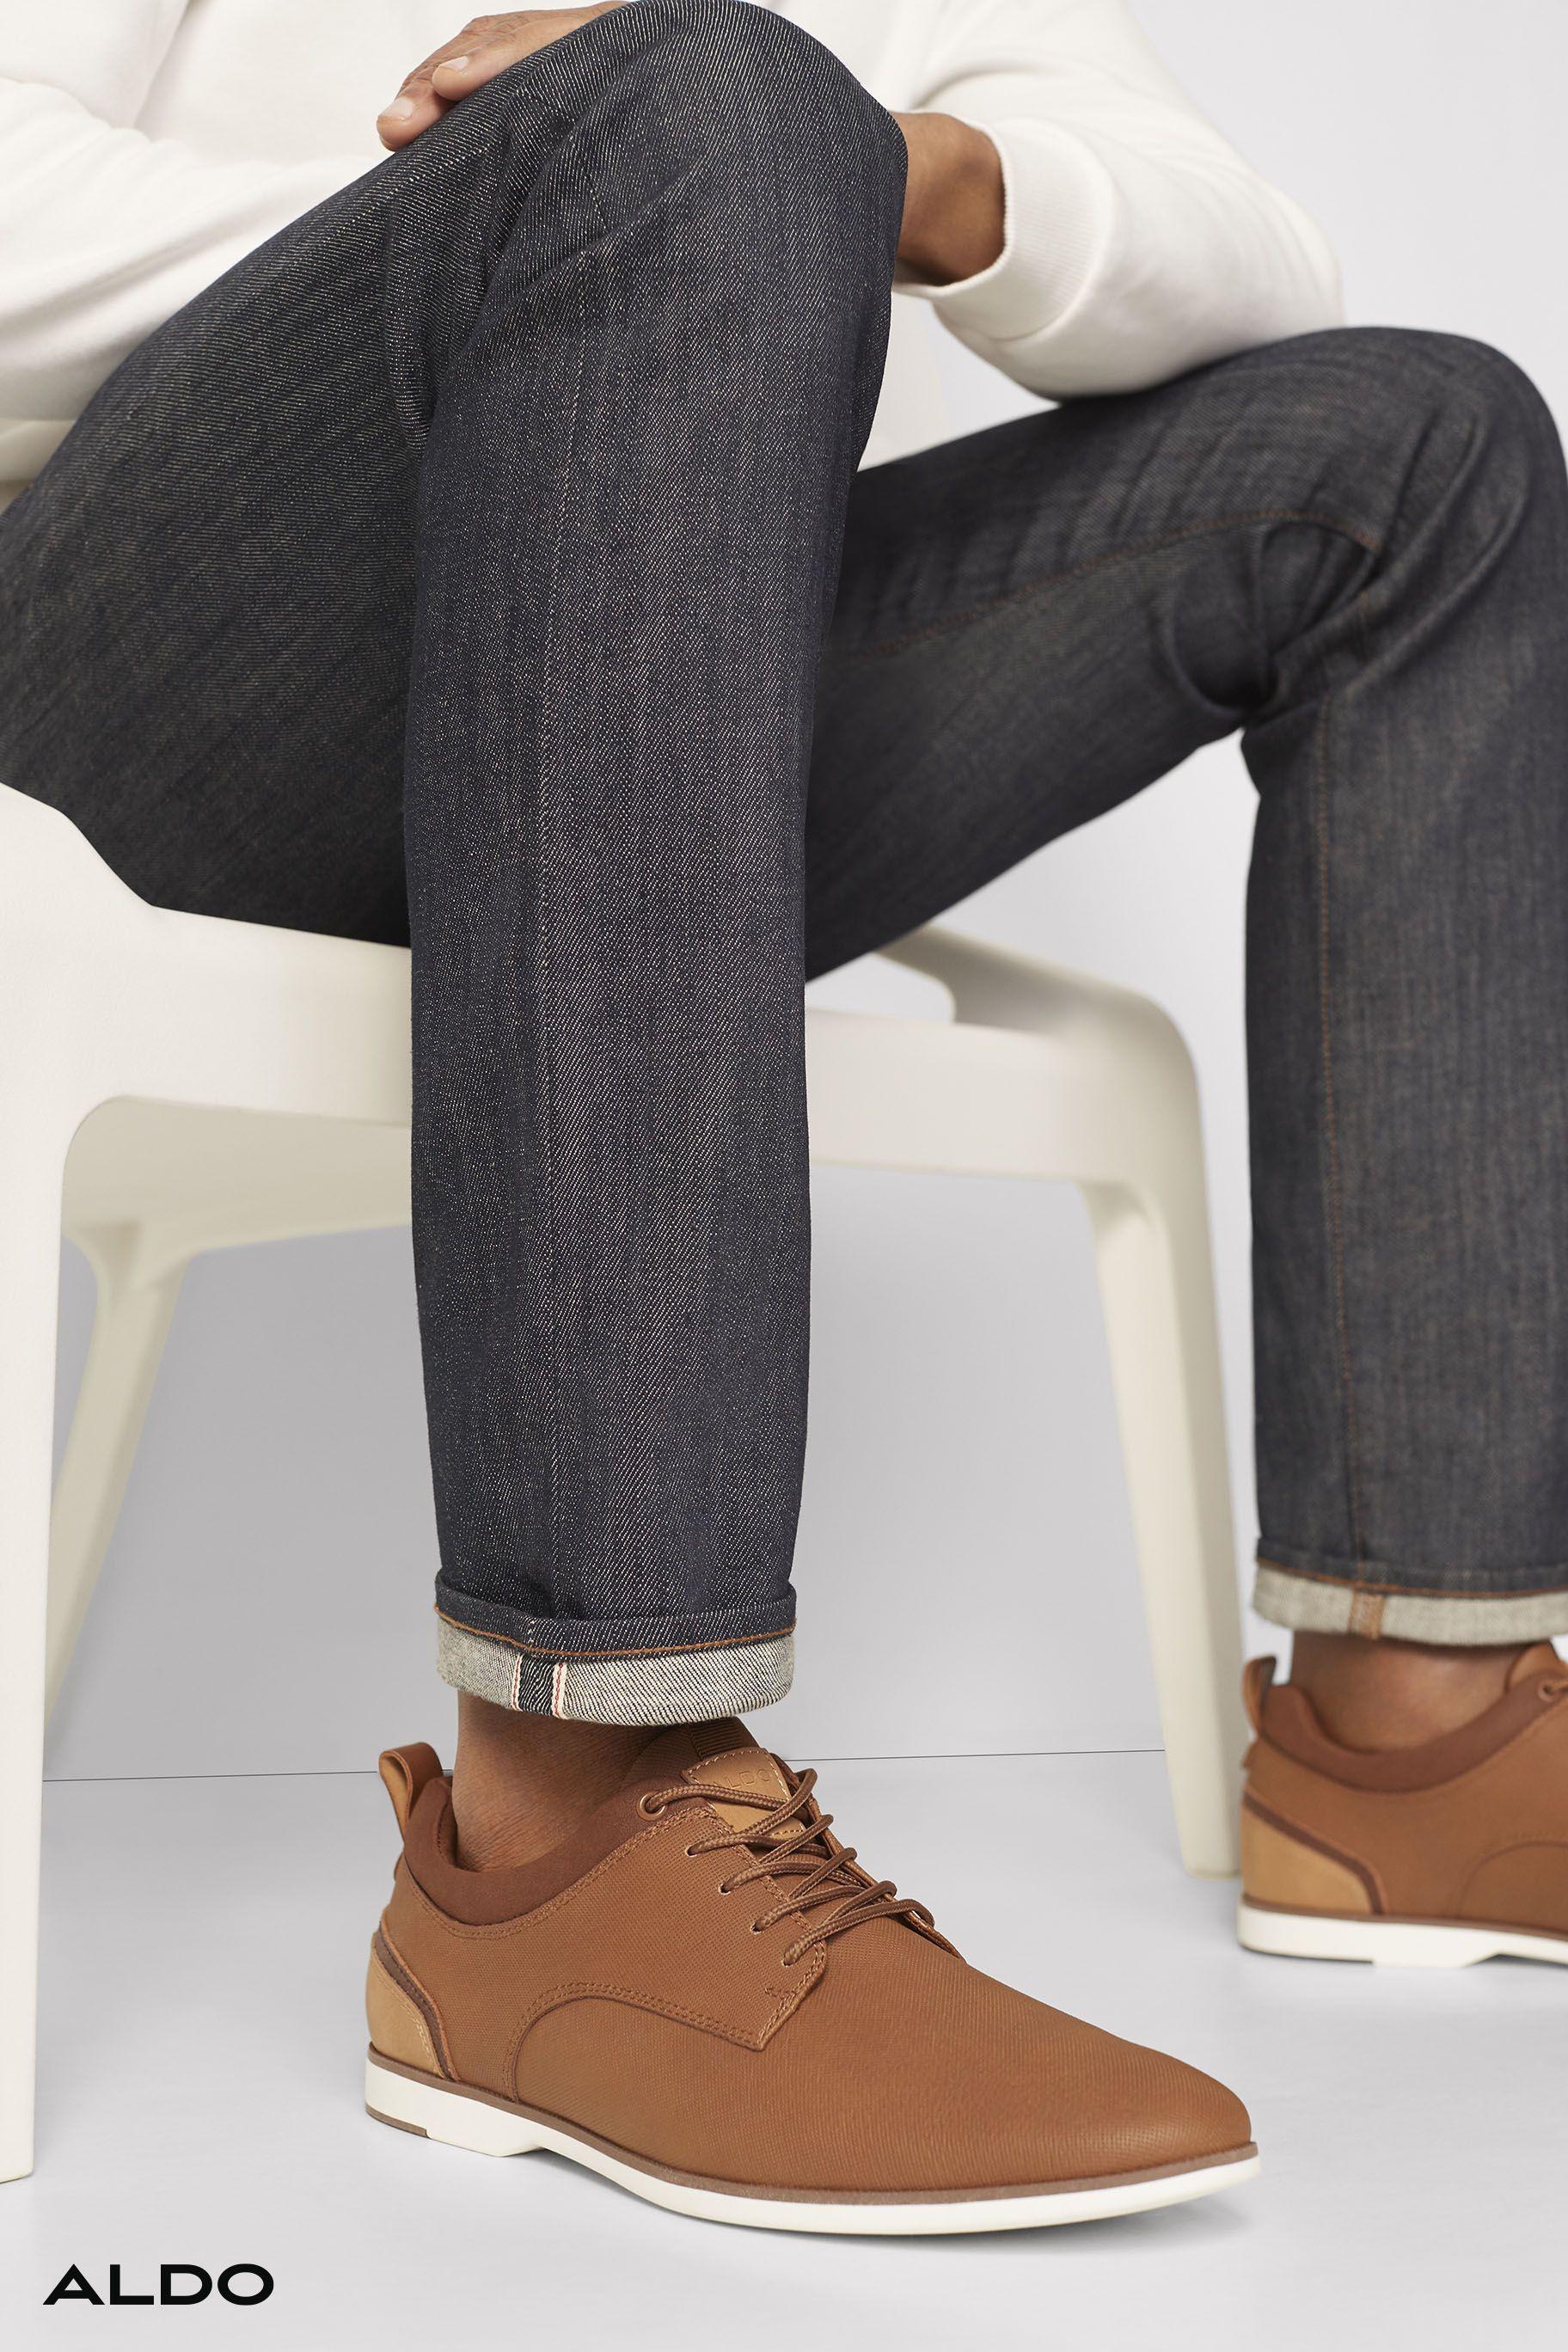 Aldo Shoes Casual Men S Sneakers Boat Shoes Mens Shoes Casual Shoes [ 2736 x 1824 Pixel ]